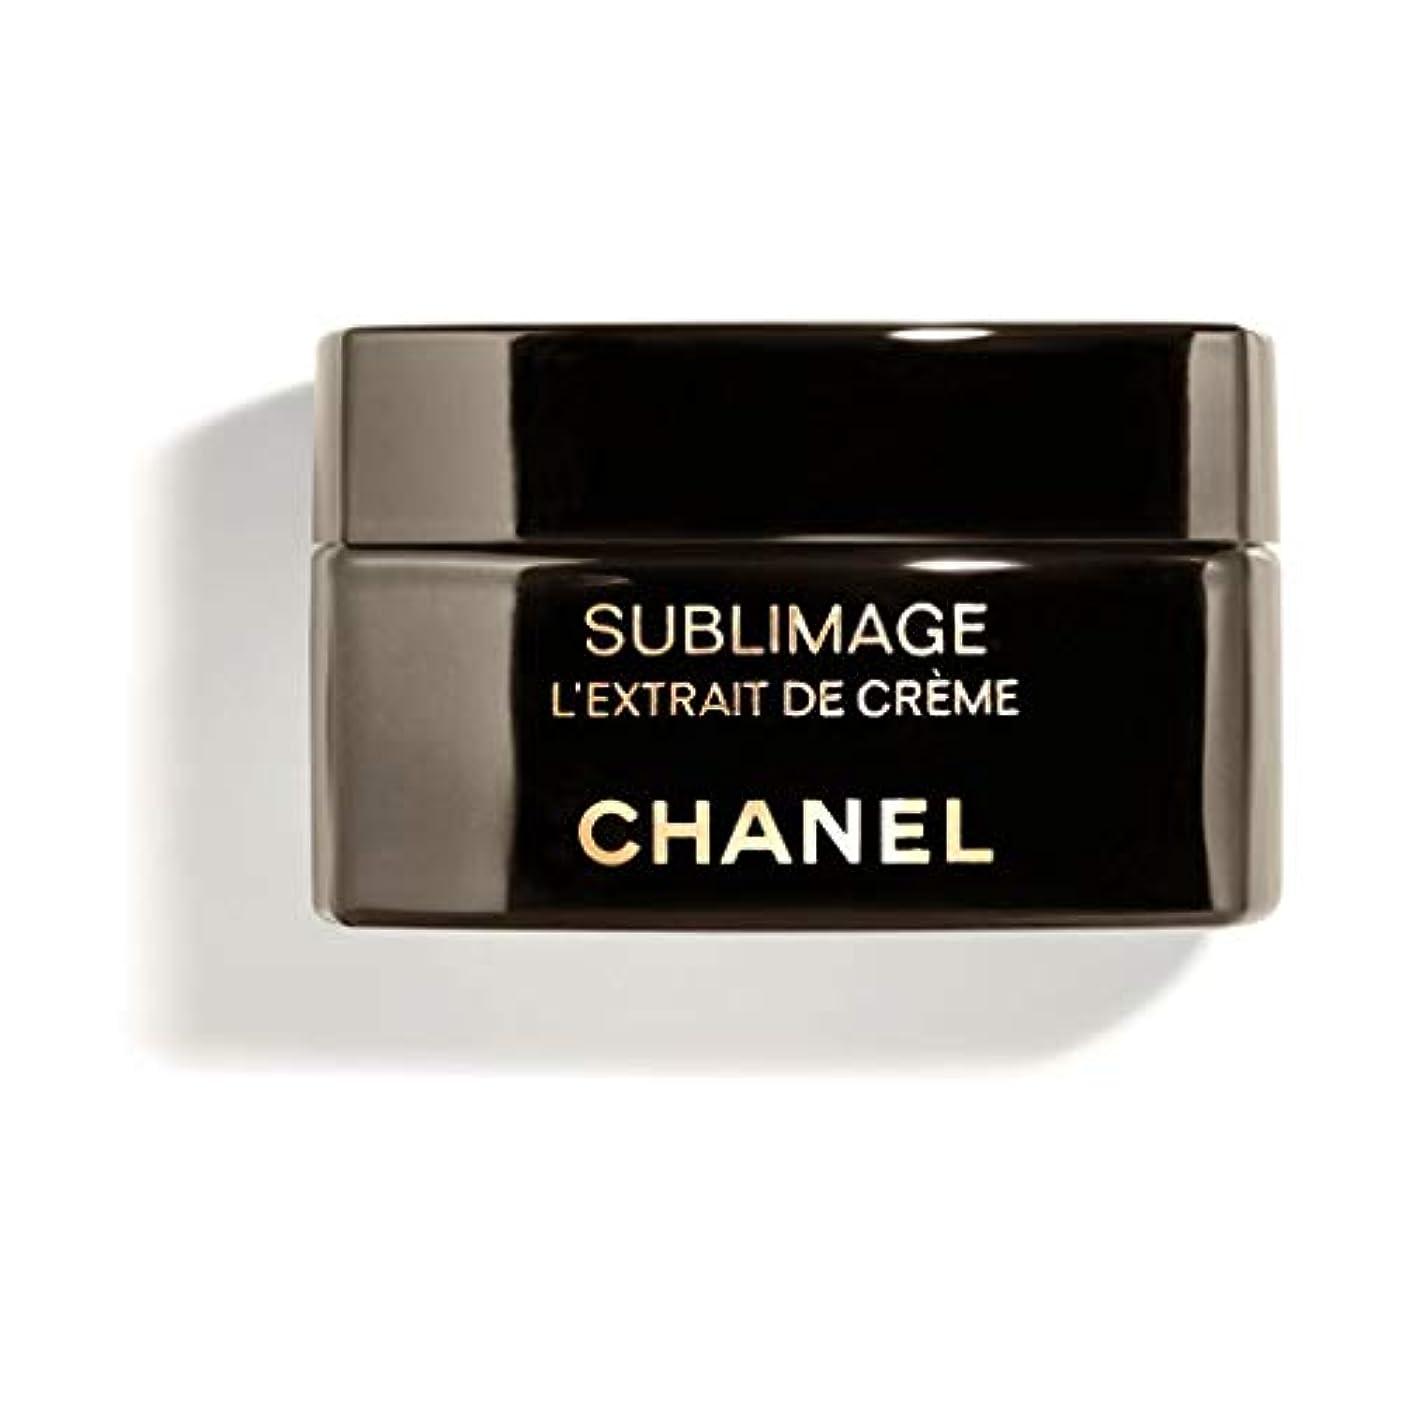 カタログミサイルメイエラCHANEL(シャネル) SUBLIMAGE L EXTRAIT DE CREME サブリマージュ レクストレ ドゥ クレーム 50g